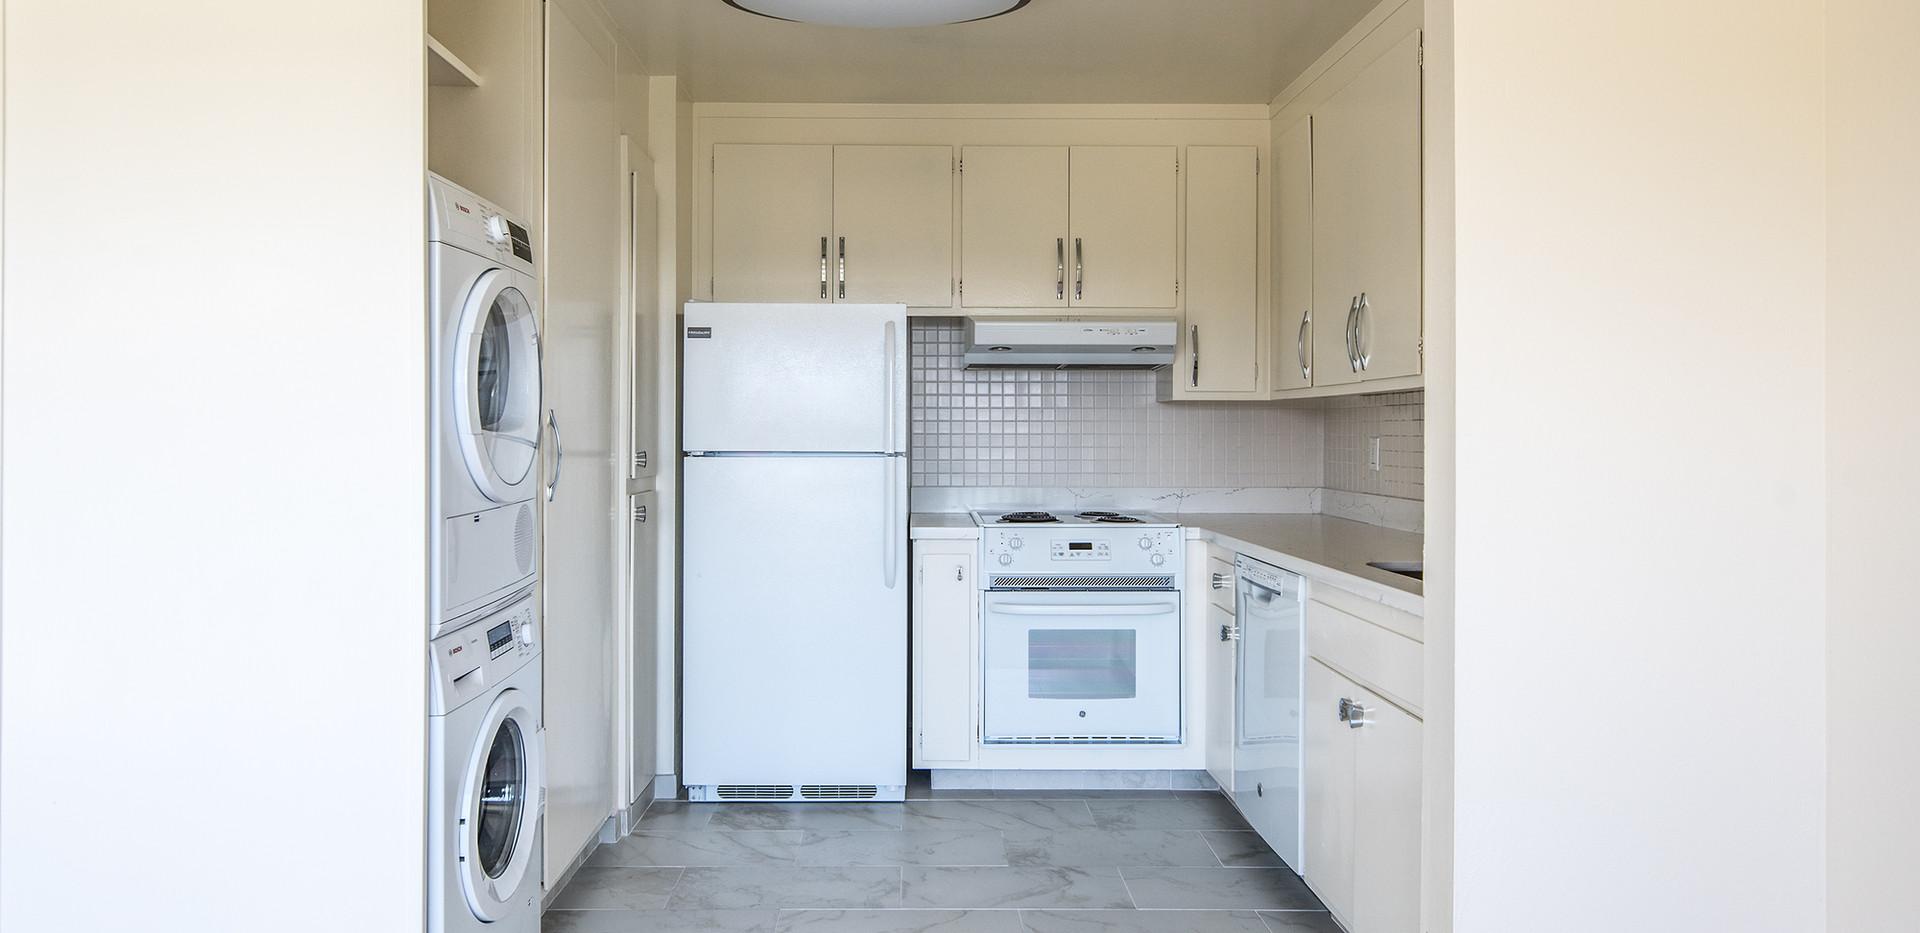 21 Marinero 305 Kitchen 1.jpg